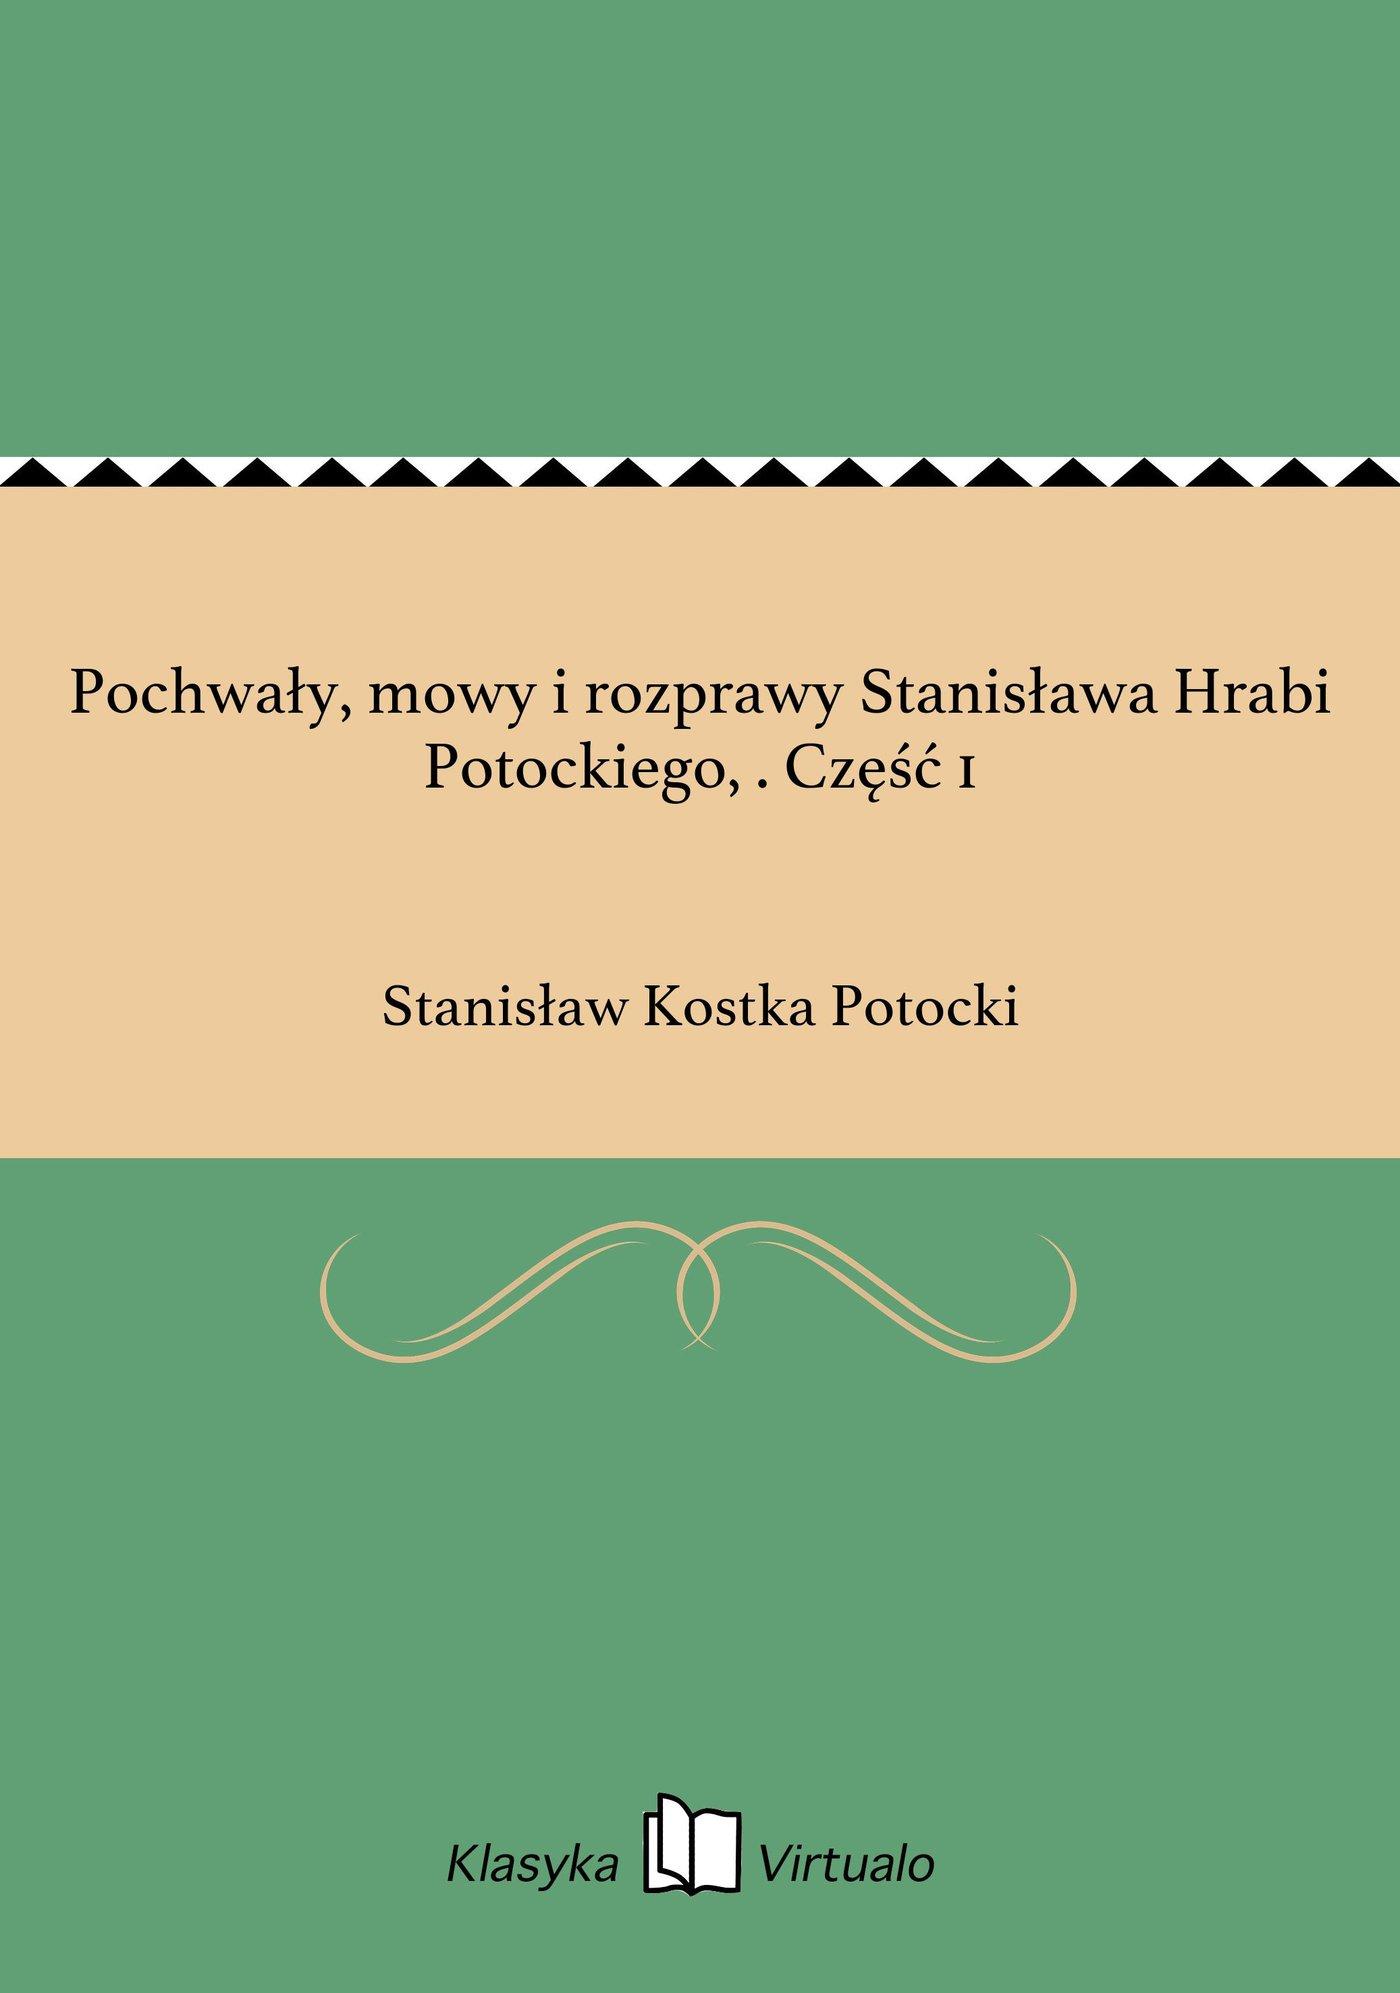 Pochwały, mowy i rozprawy Stanisława Hrabi Potockiego, . Część 1 - Ebook (Książka na Kindle) do pobrania w formacie MOBI